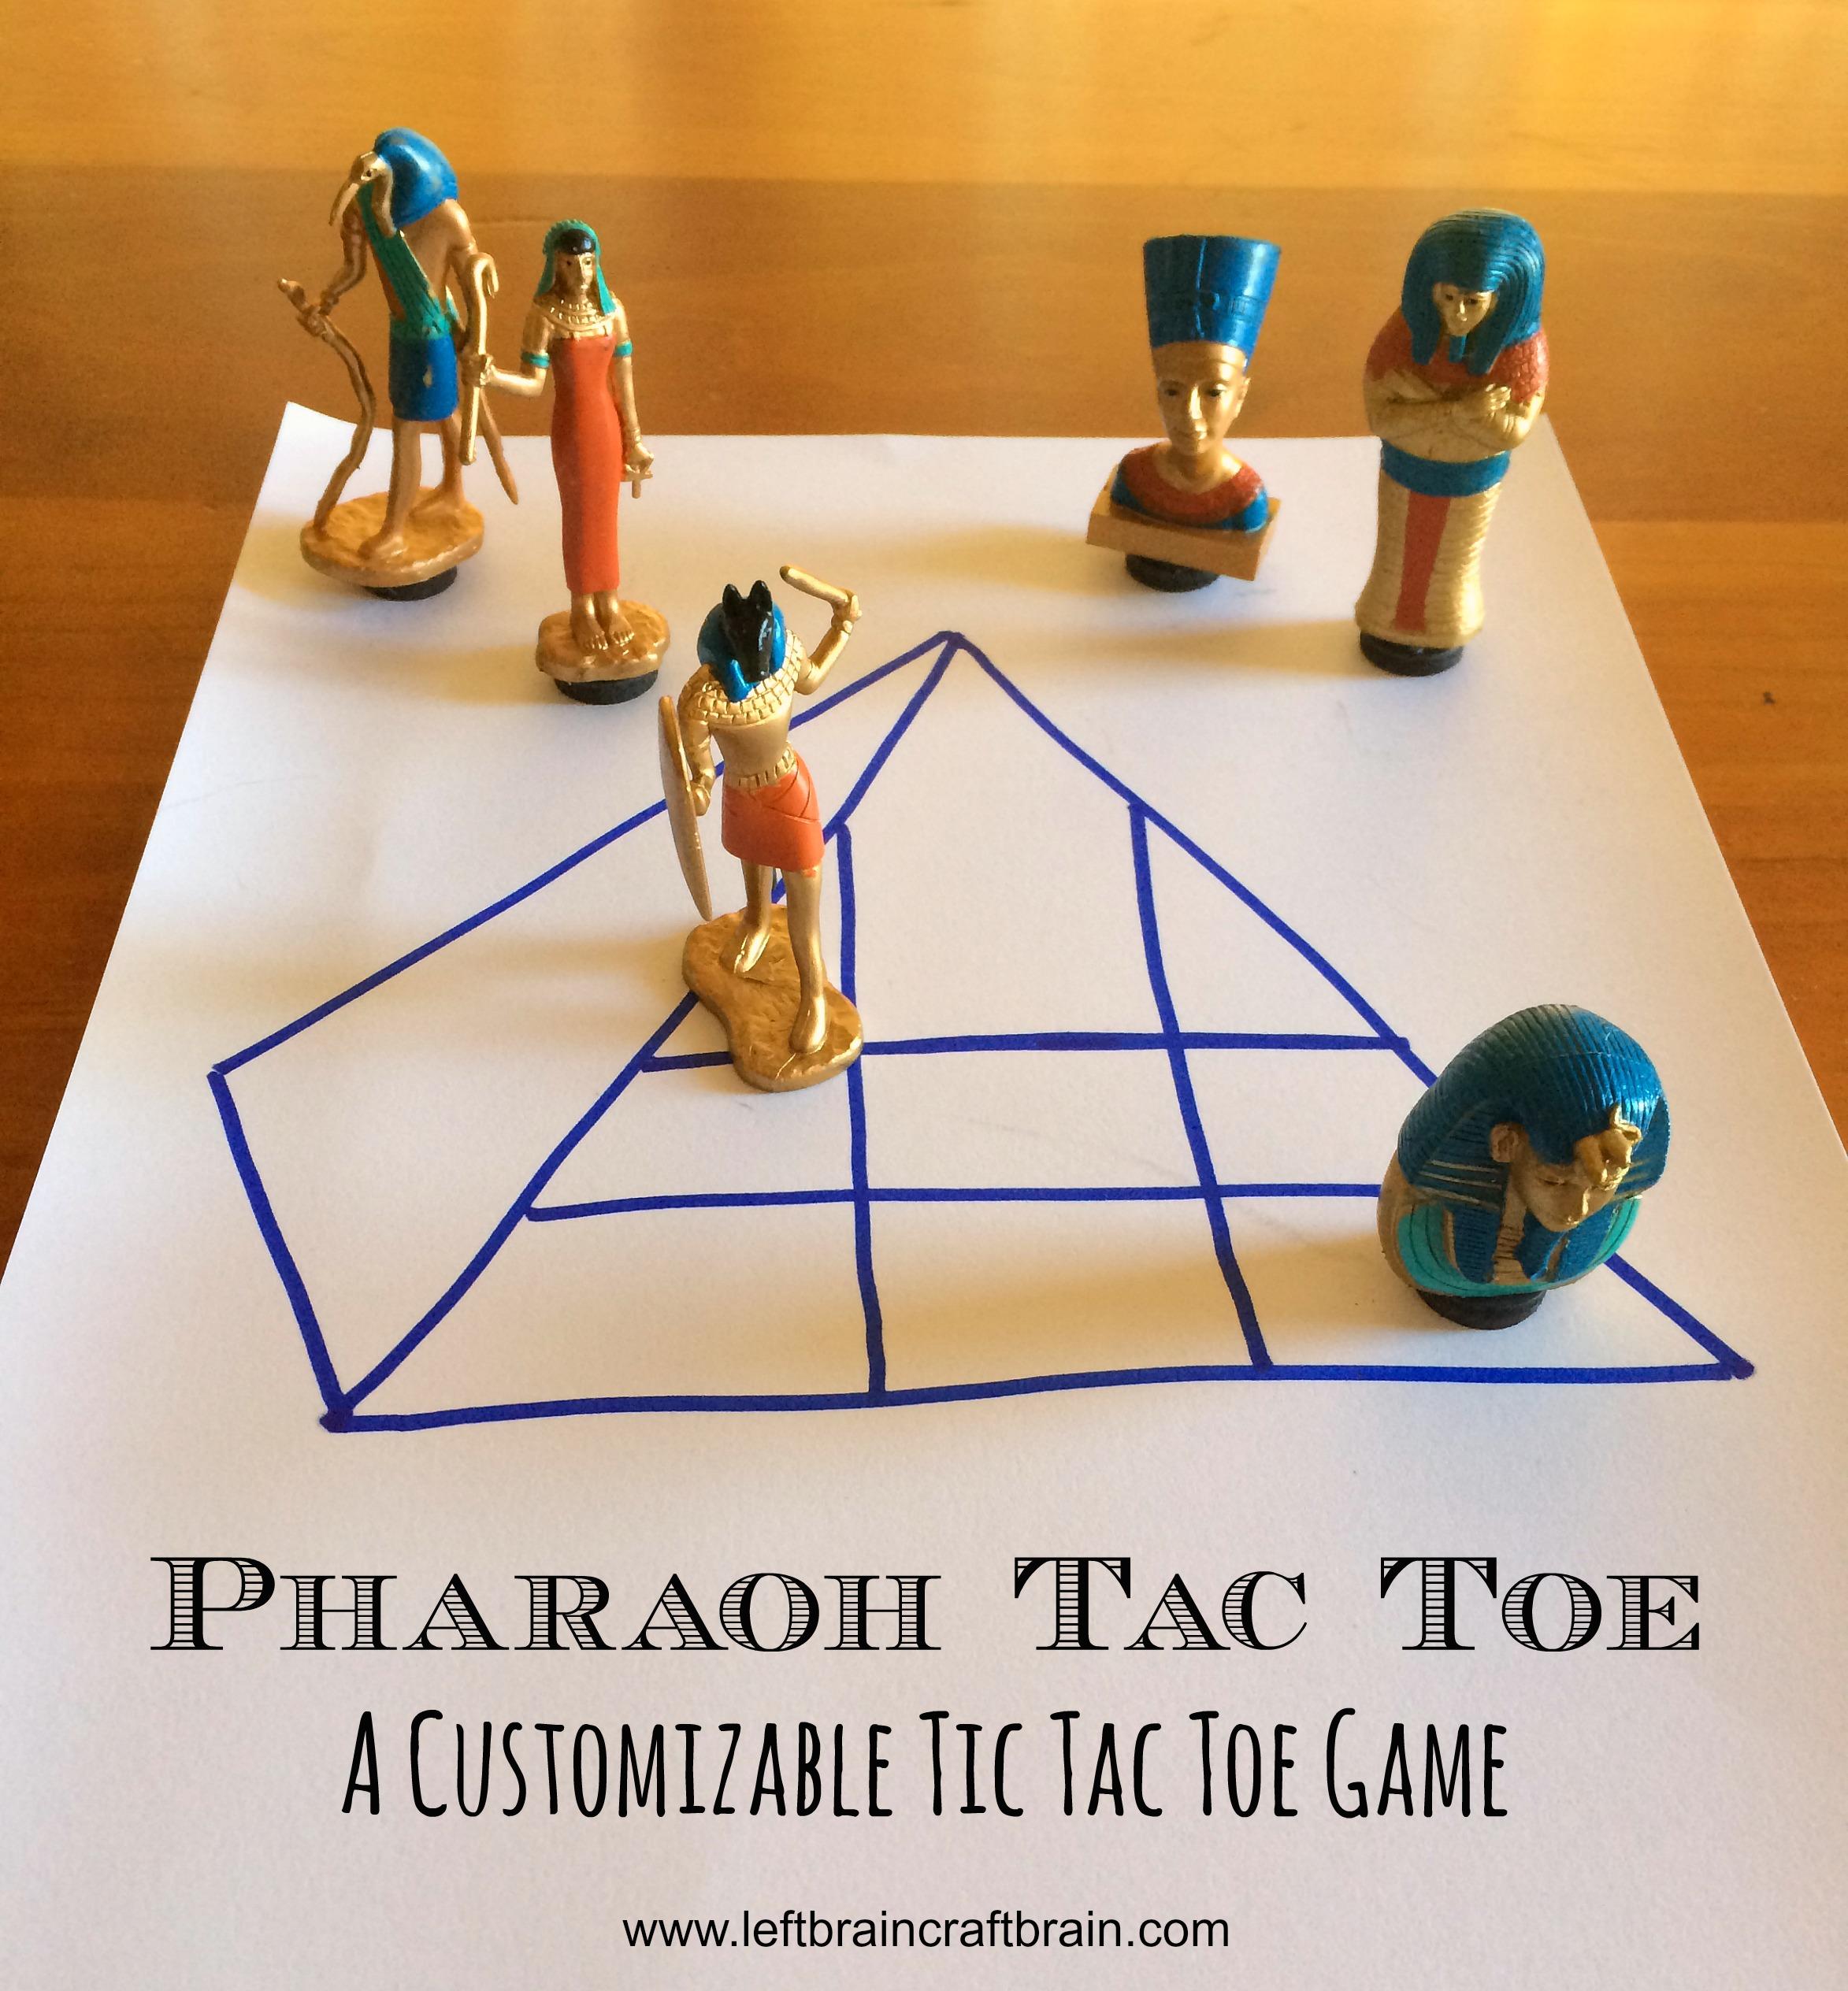 customizable tic tac toe pharaoh tac toe title